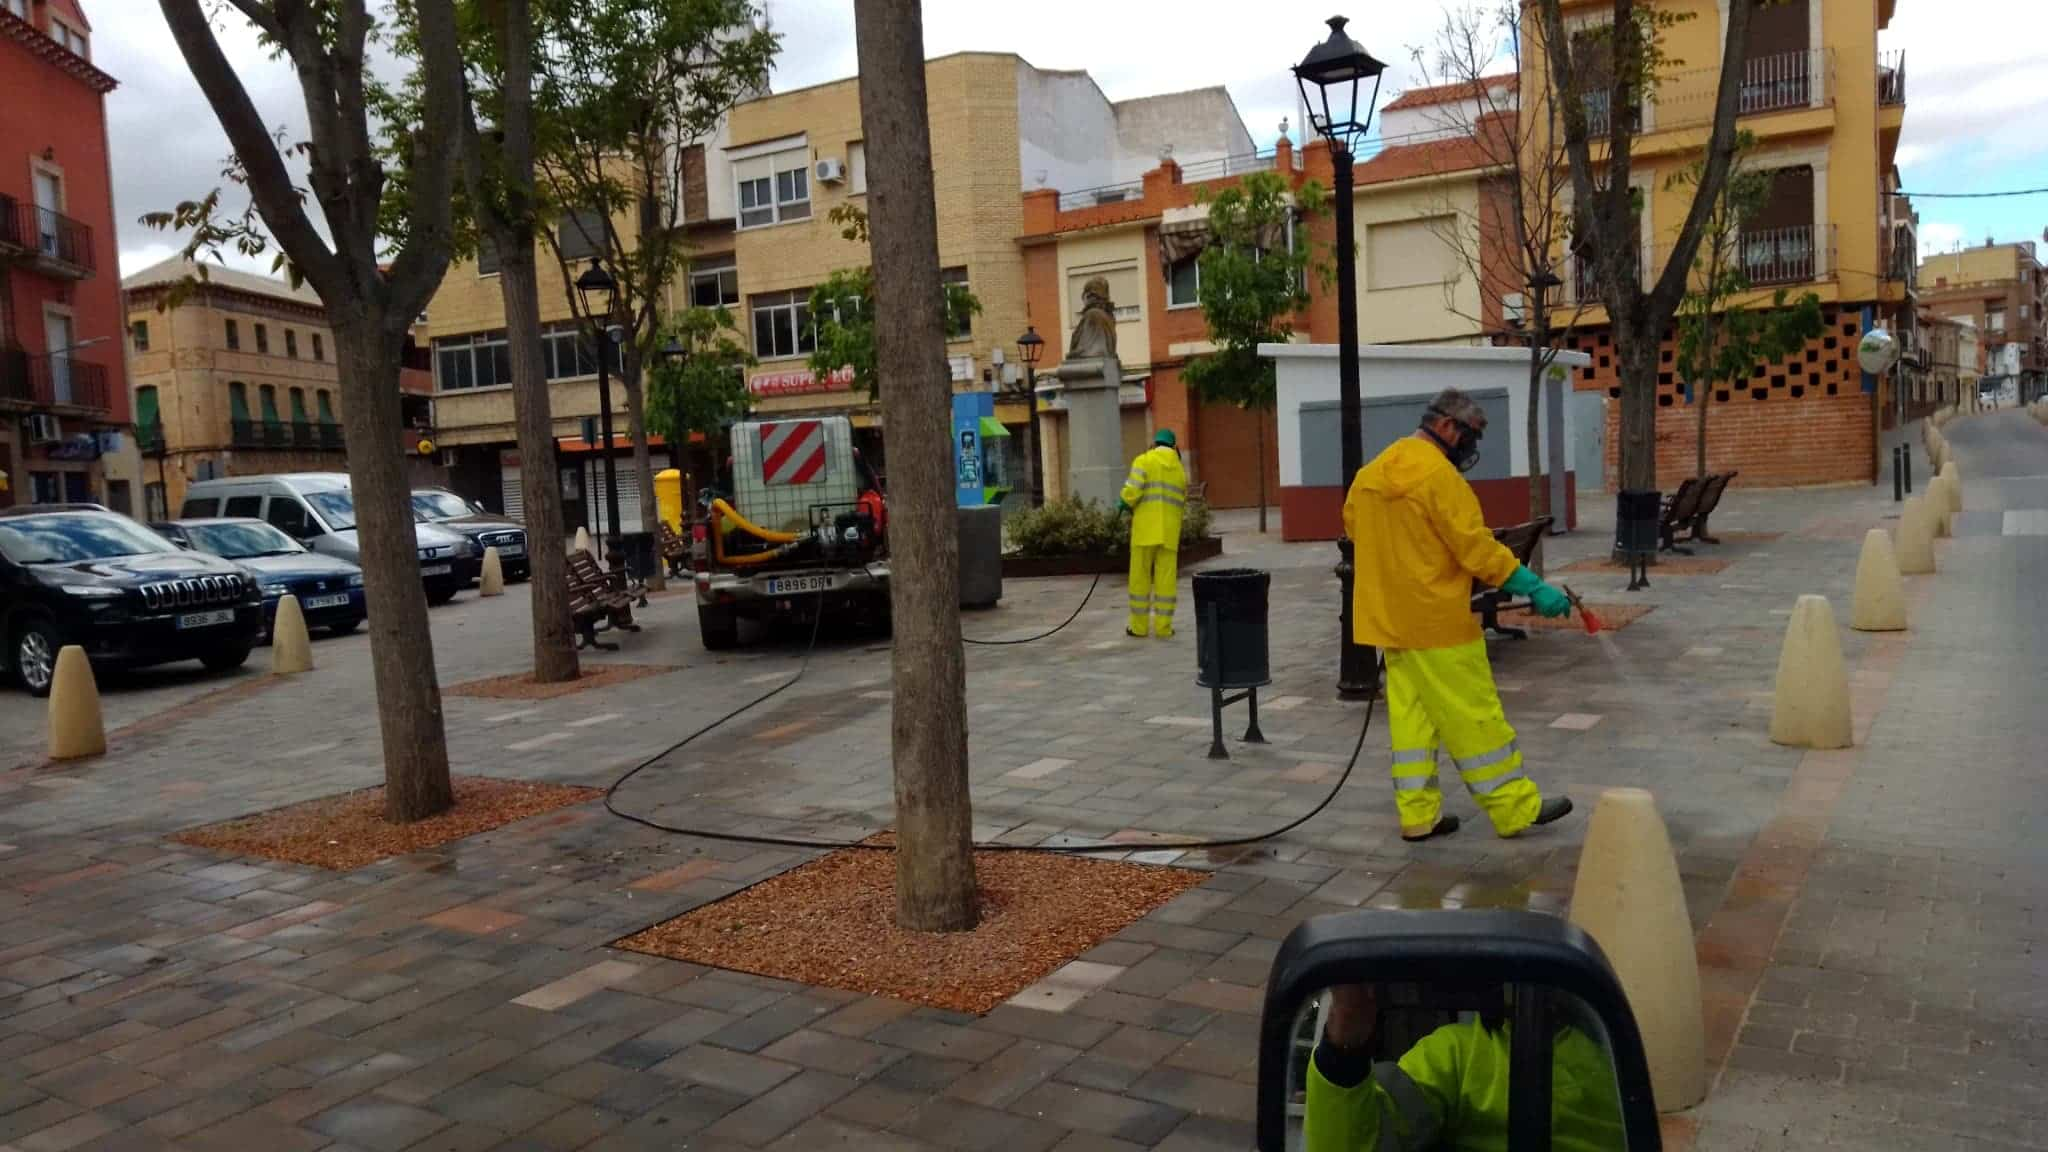 Continuan las labores de desinfección en la Plaza de España, Convento y Cervantes 9